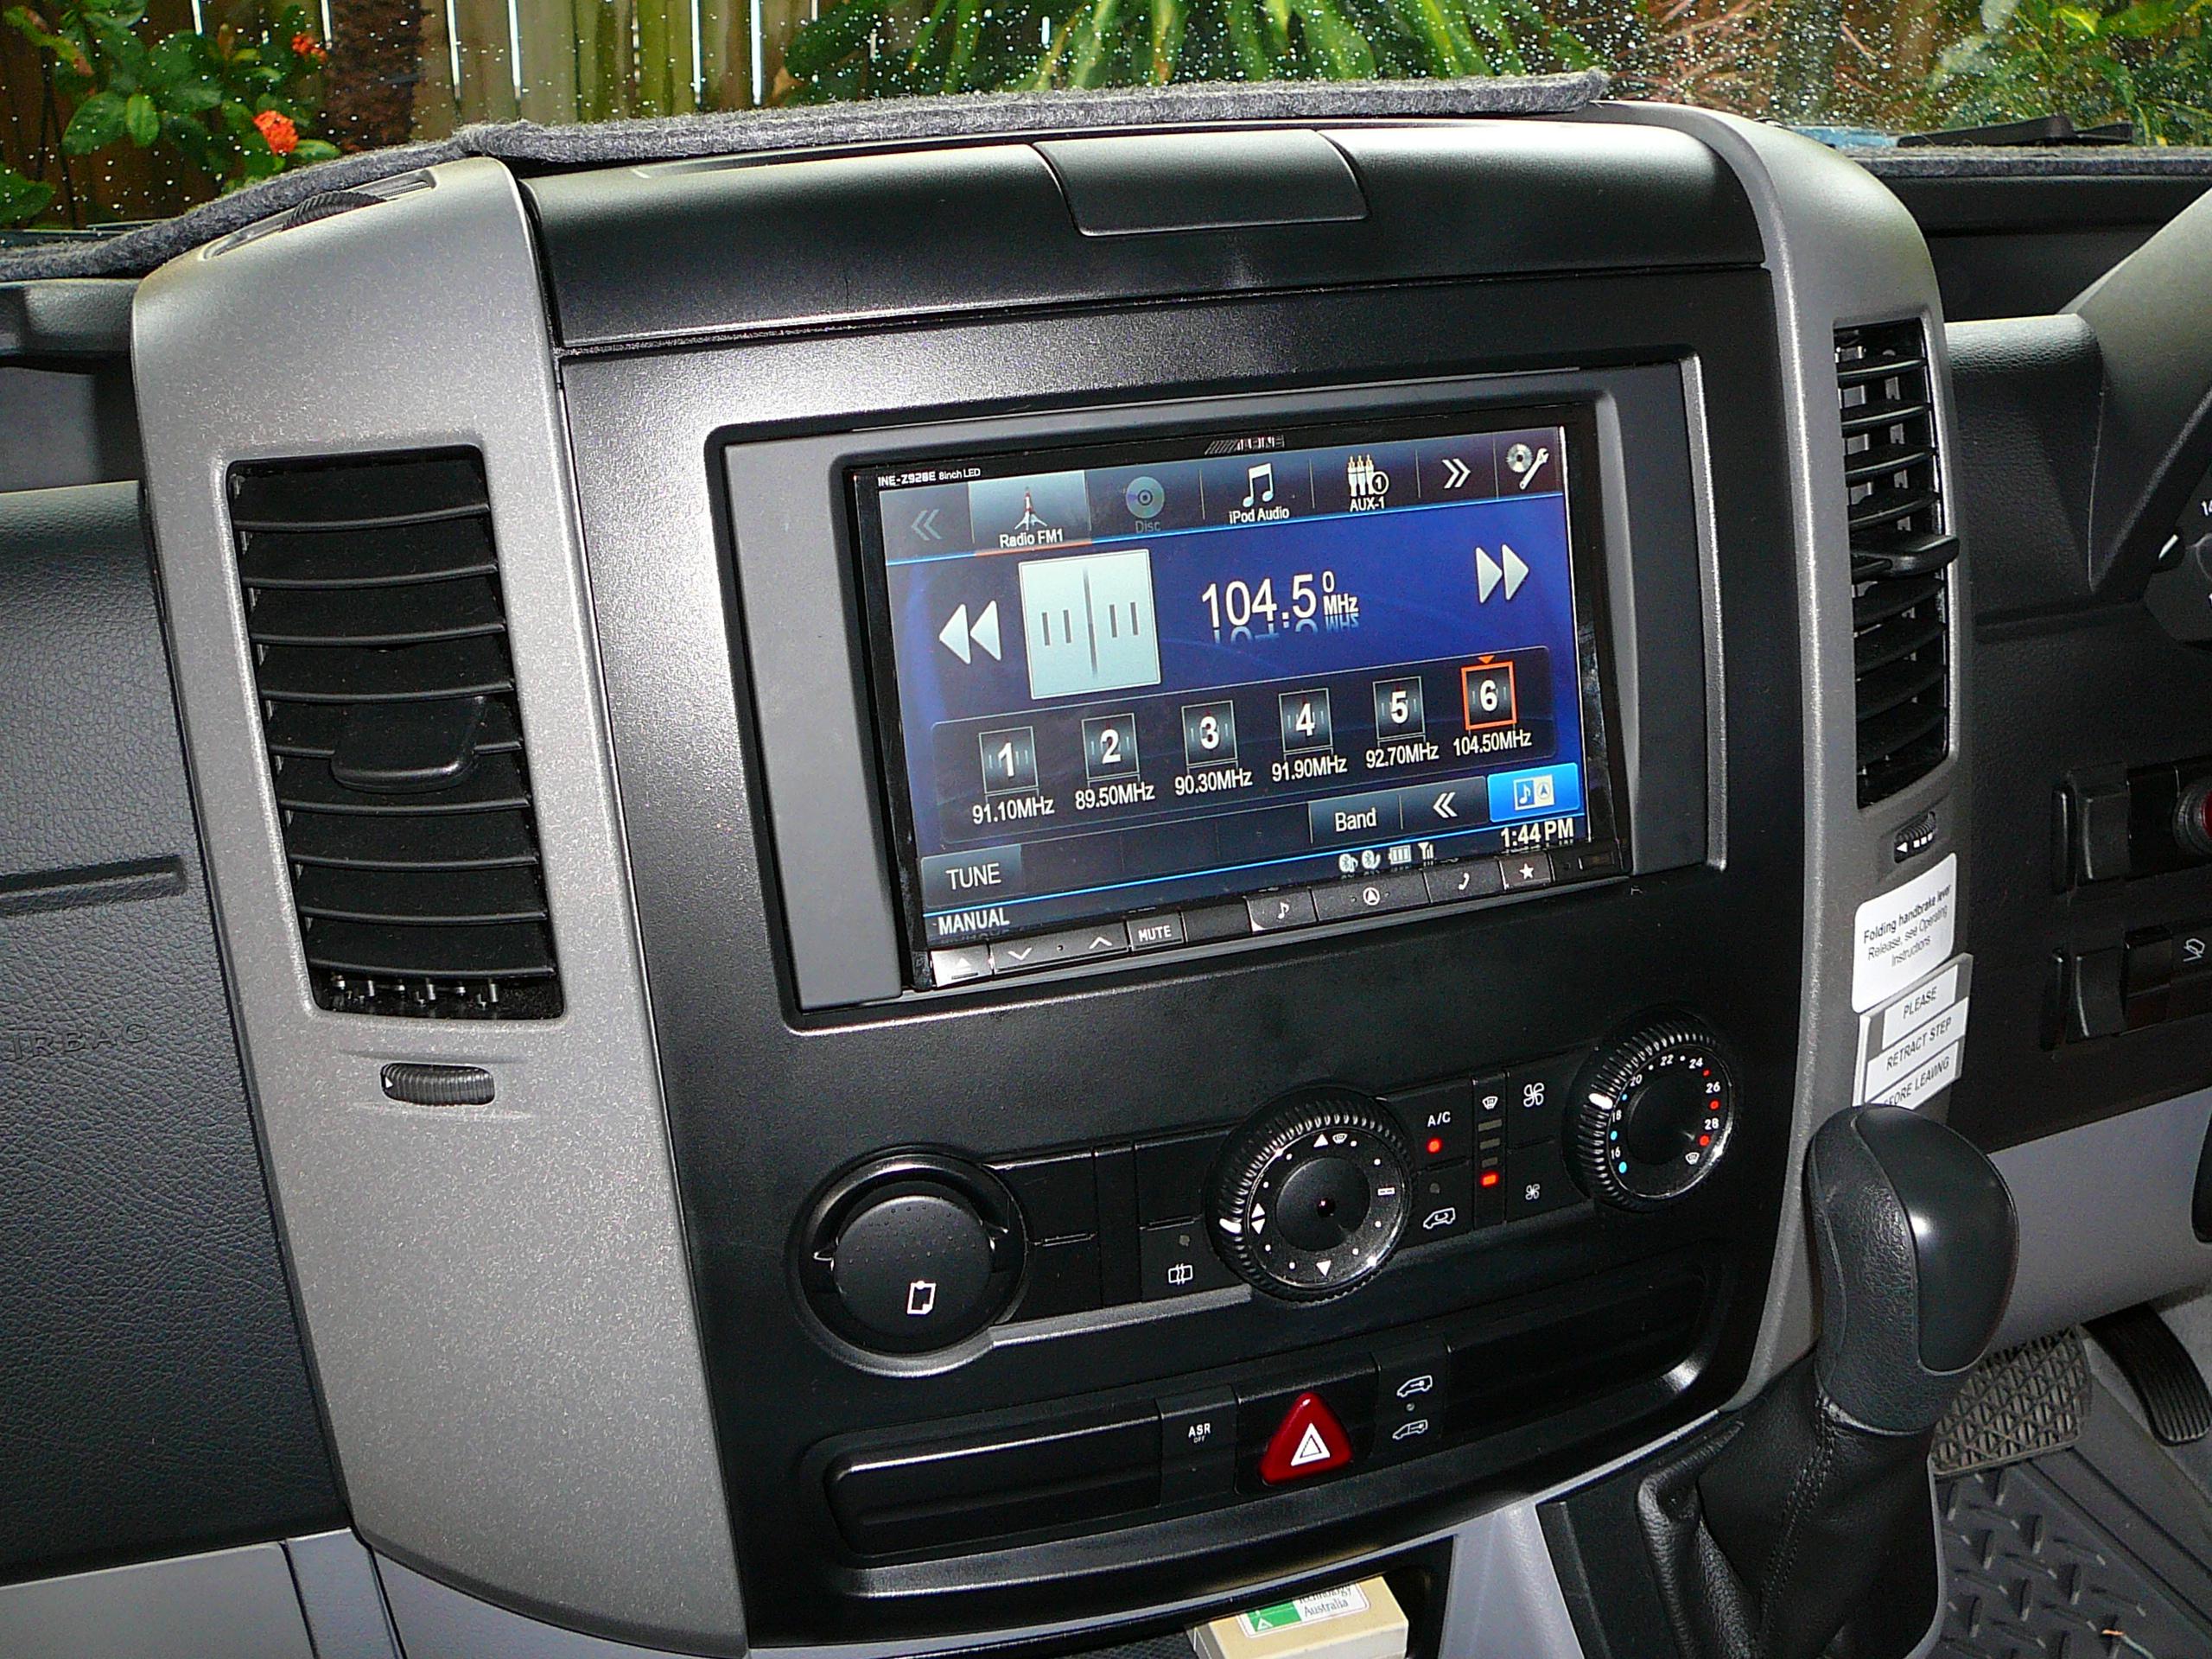 Mercedes Benz Sprinter, Alpine INE-Z928E 8 inch Navigation & iphone Cradle